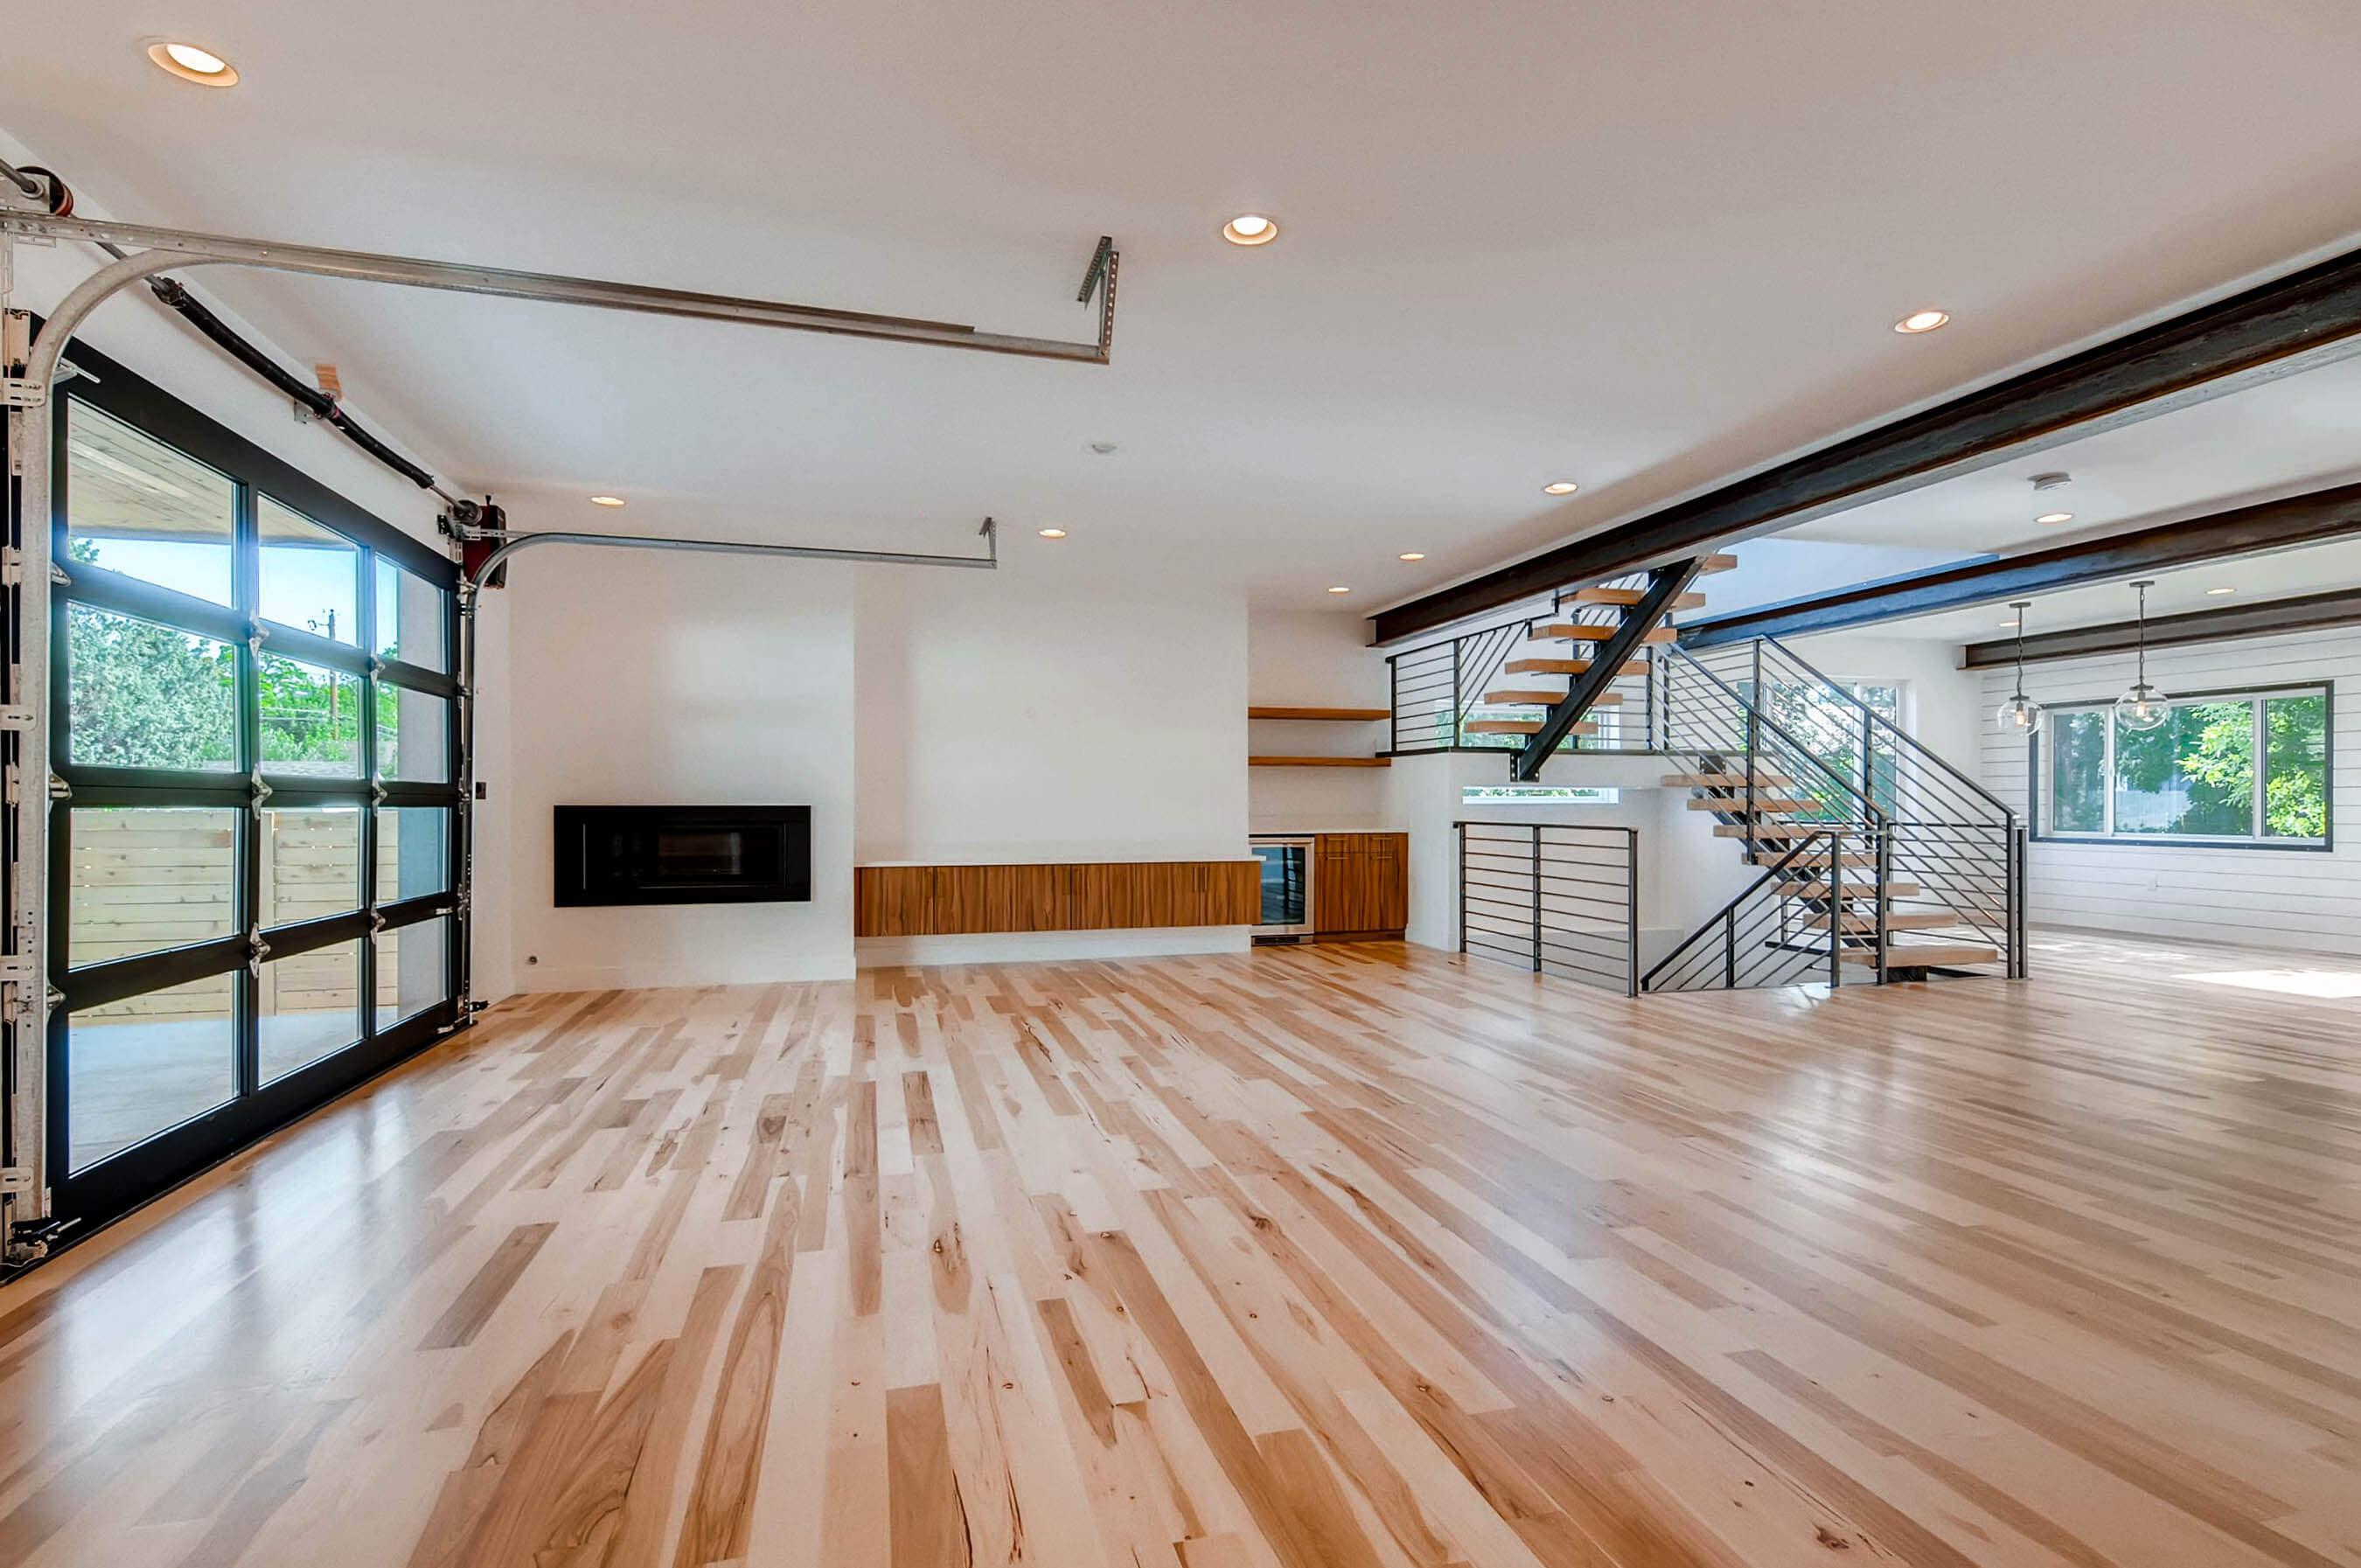 2261 S. Ogden Street Interiors